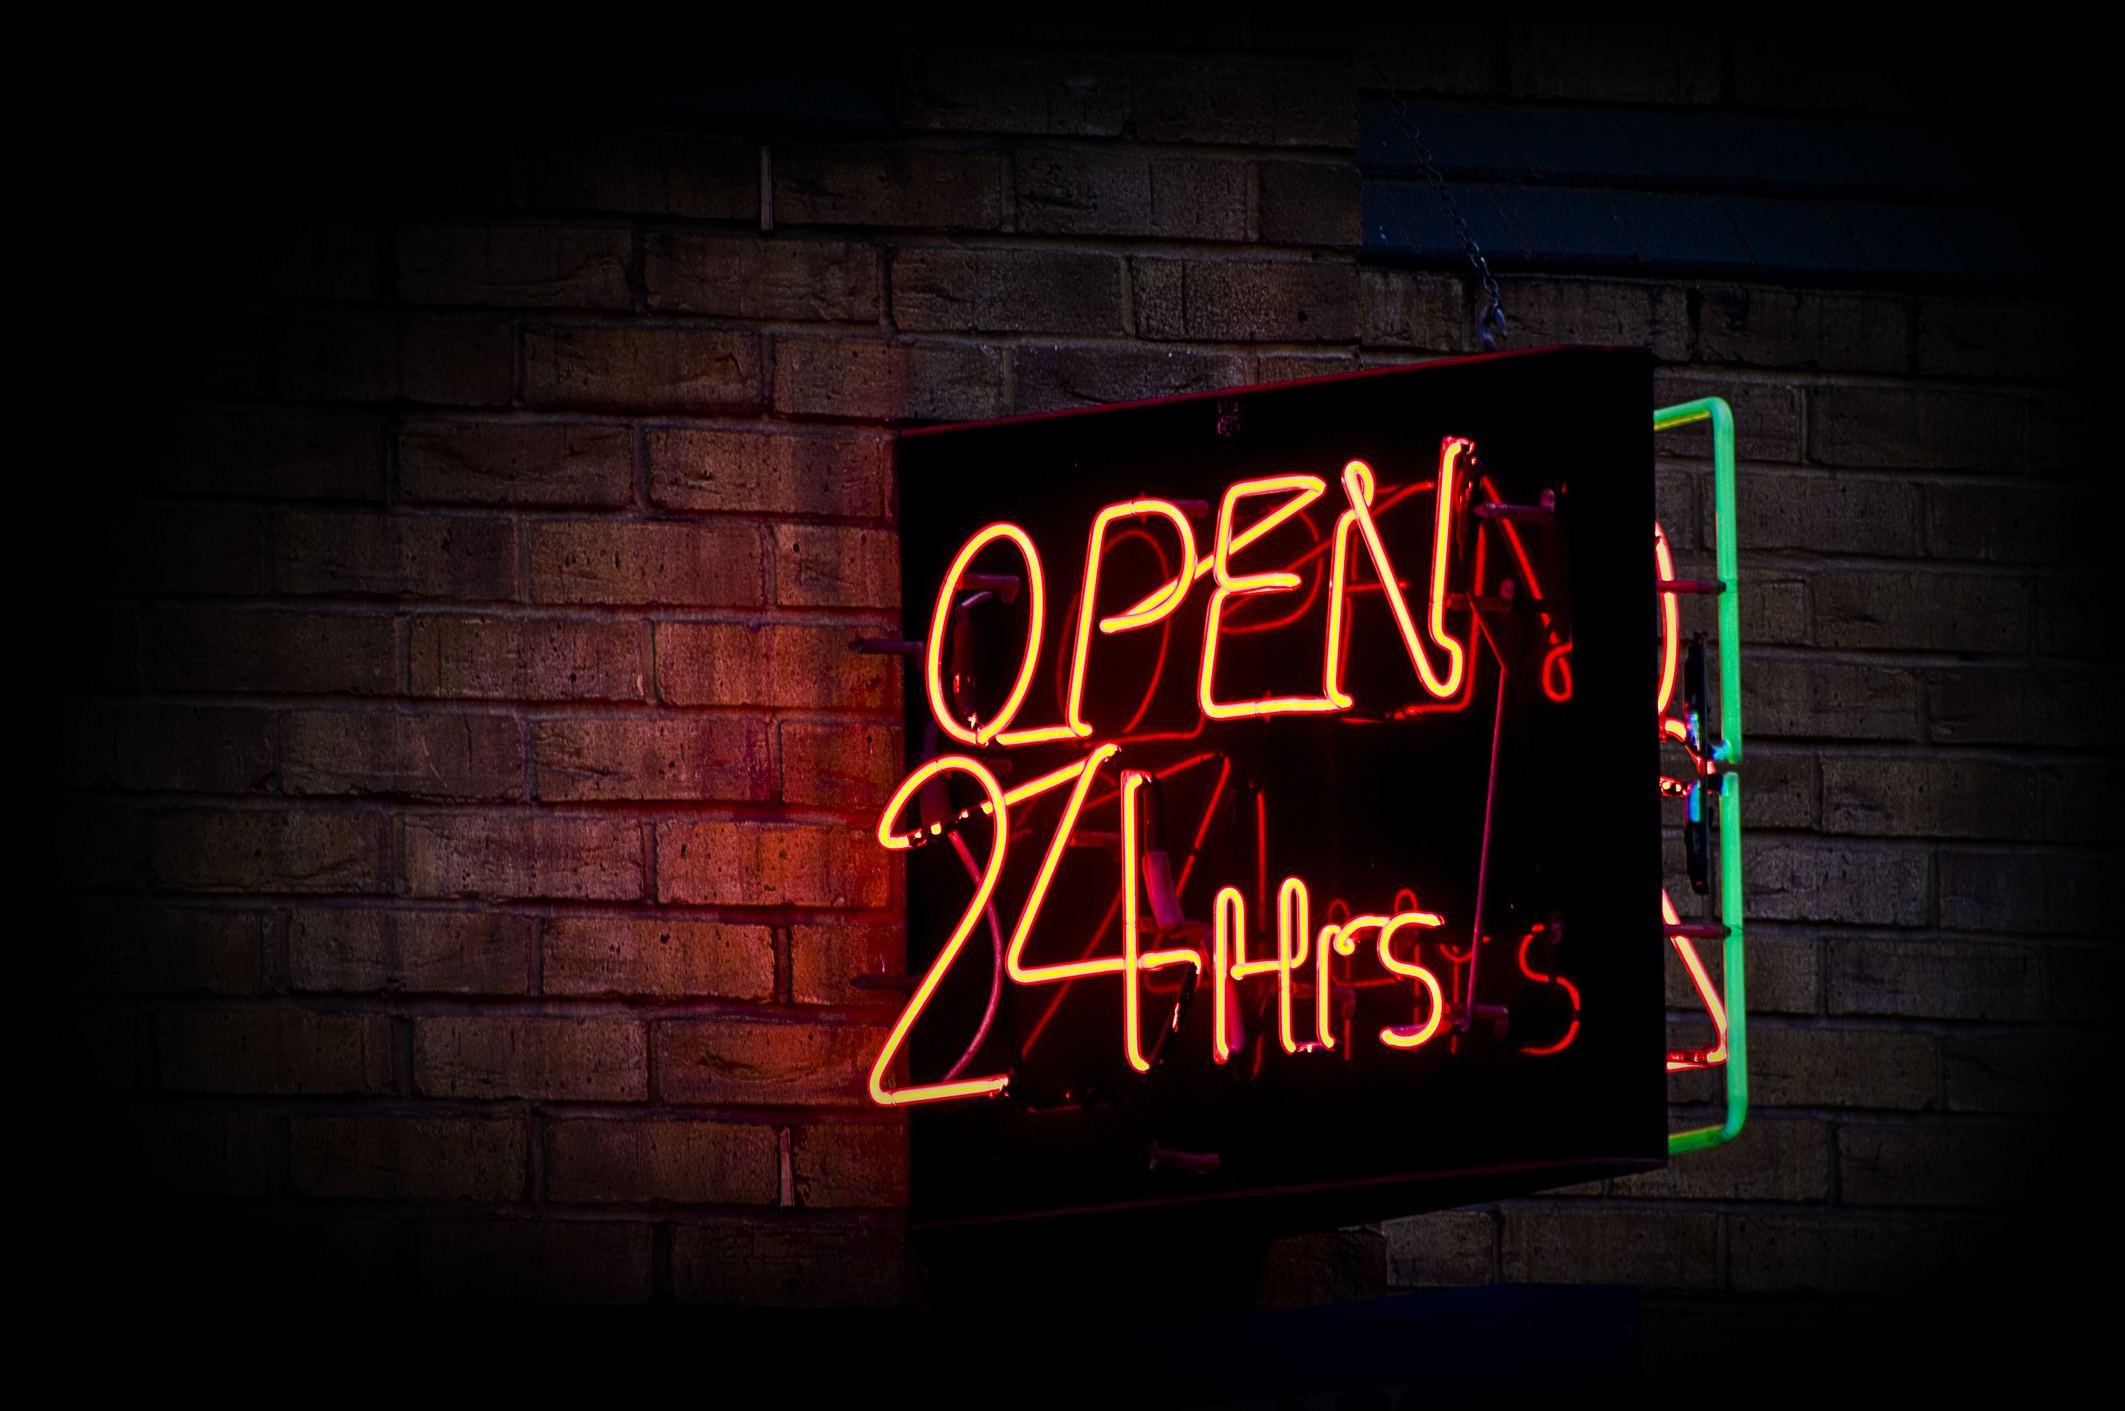 Neon orange Open 24 hours sign